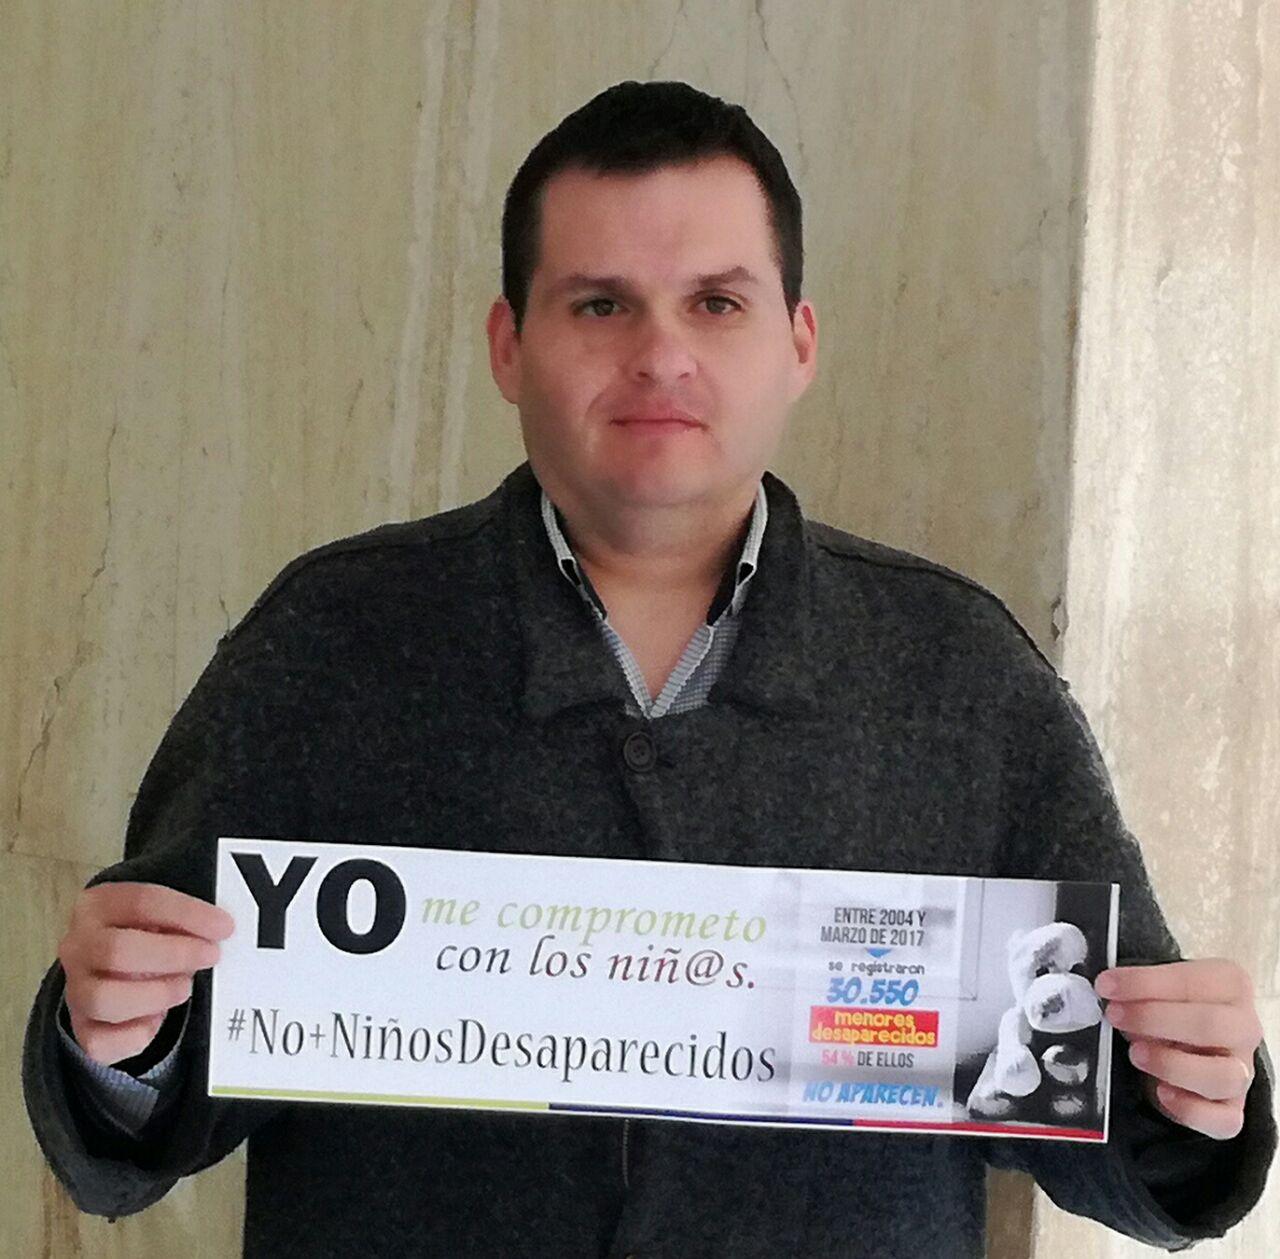 #NoMasNinosDesaparecidos @MovimientoMIRA @Baena @carlos_guevara los niños son nuestro futuro cuidemoslos https://t.co/2oETPtvP1o